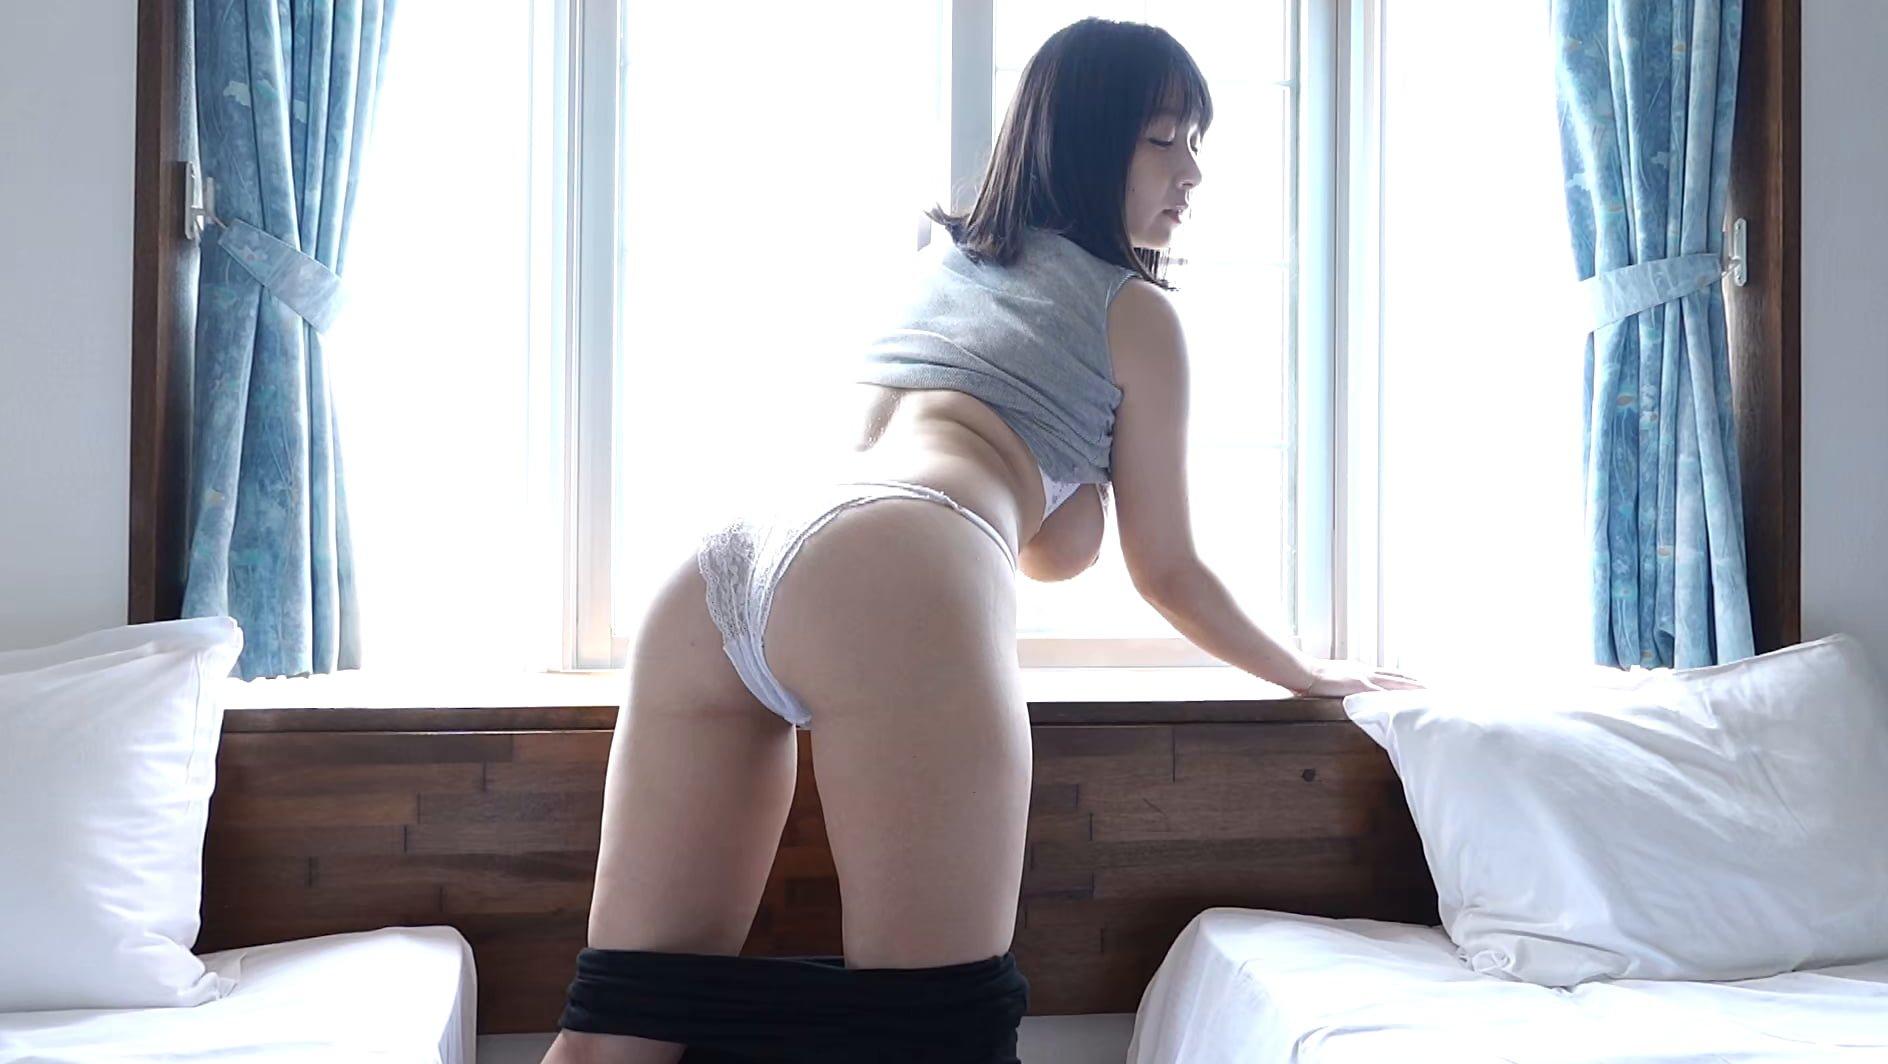 グラビアアイドルGIF画像|ムチムチ系の完成された身体→二人っきりの南国生活 桐山瑠衣webm画像